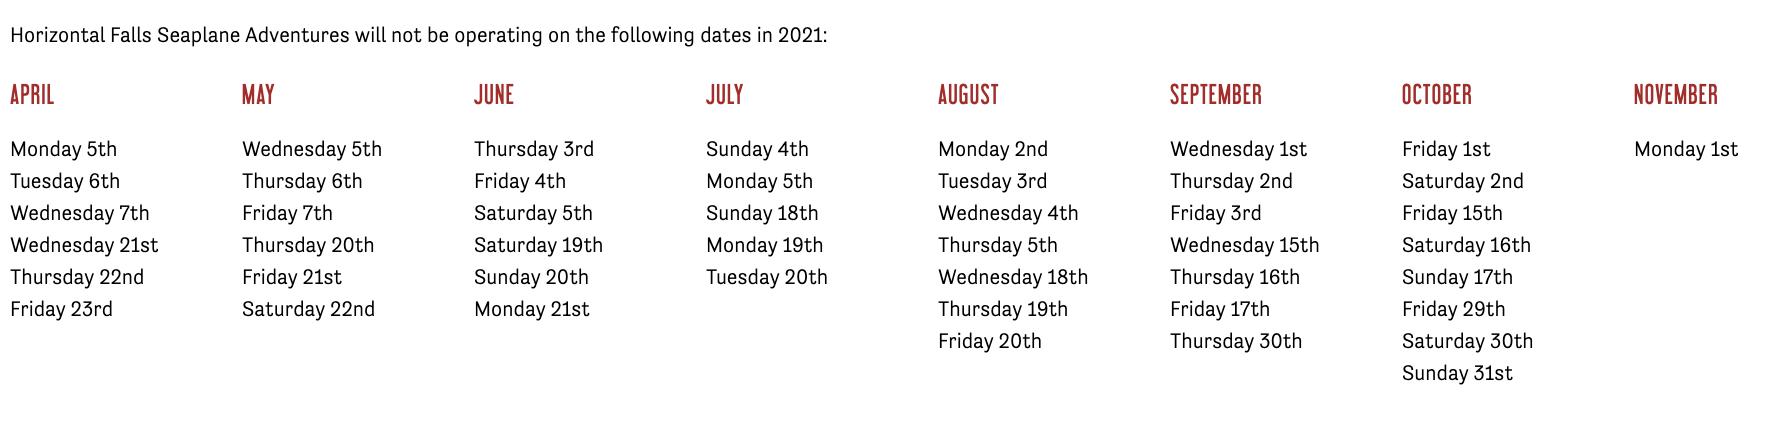 NEAP TIDE DATES 2021